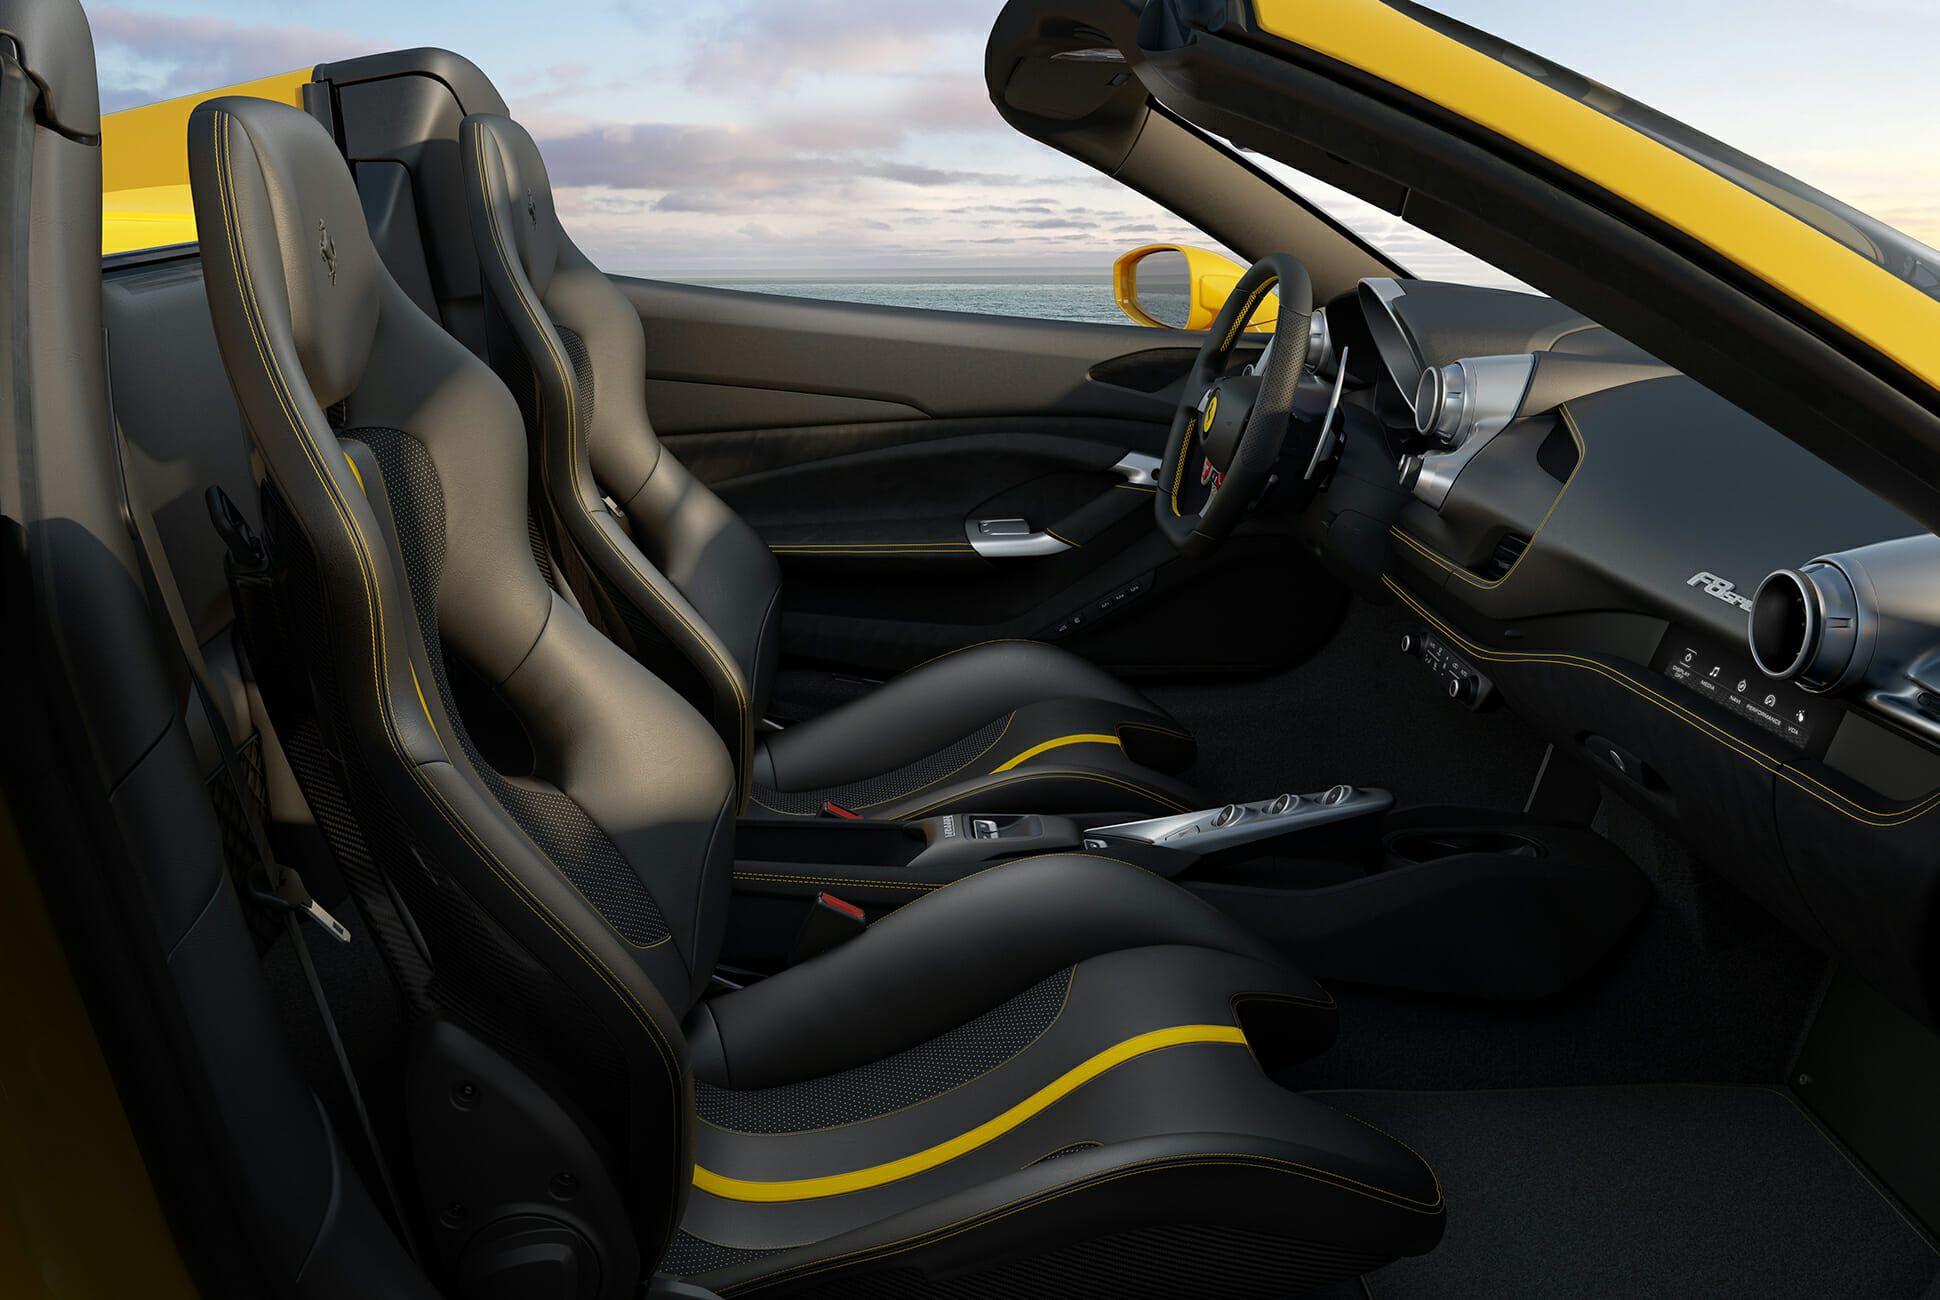 Ferrari-GTS-gear-patrol-slide-08